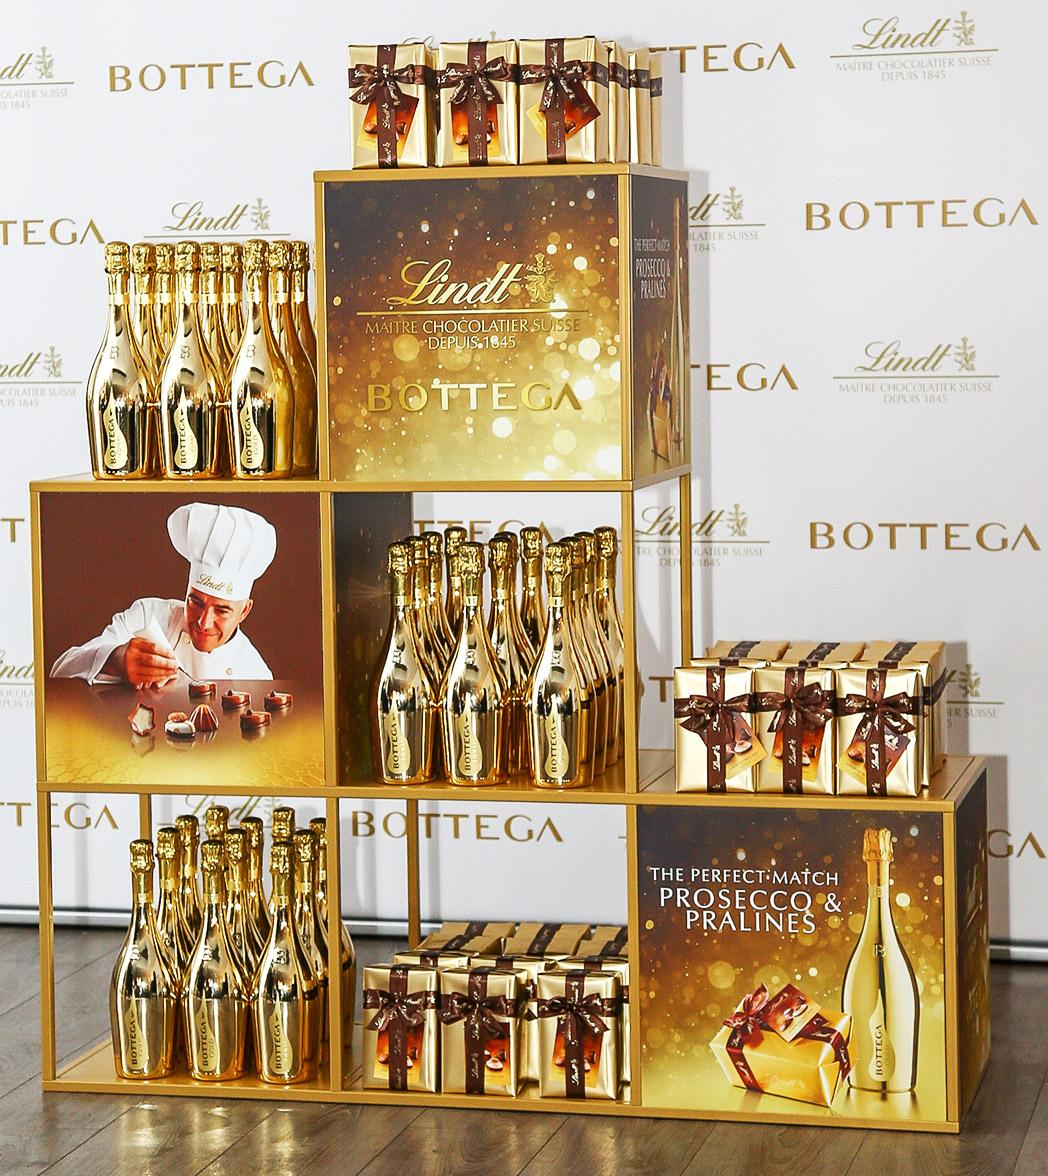 Bottega Lindt gold gift set display